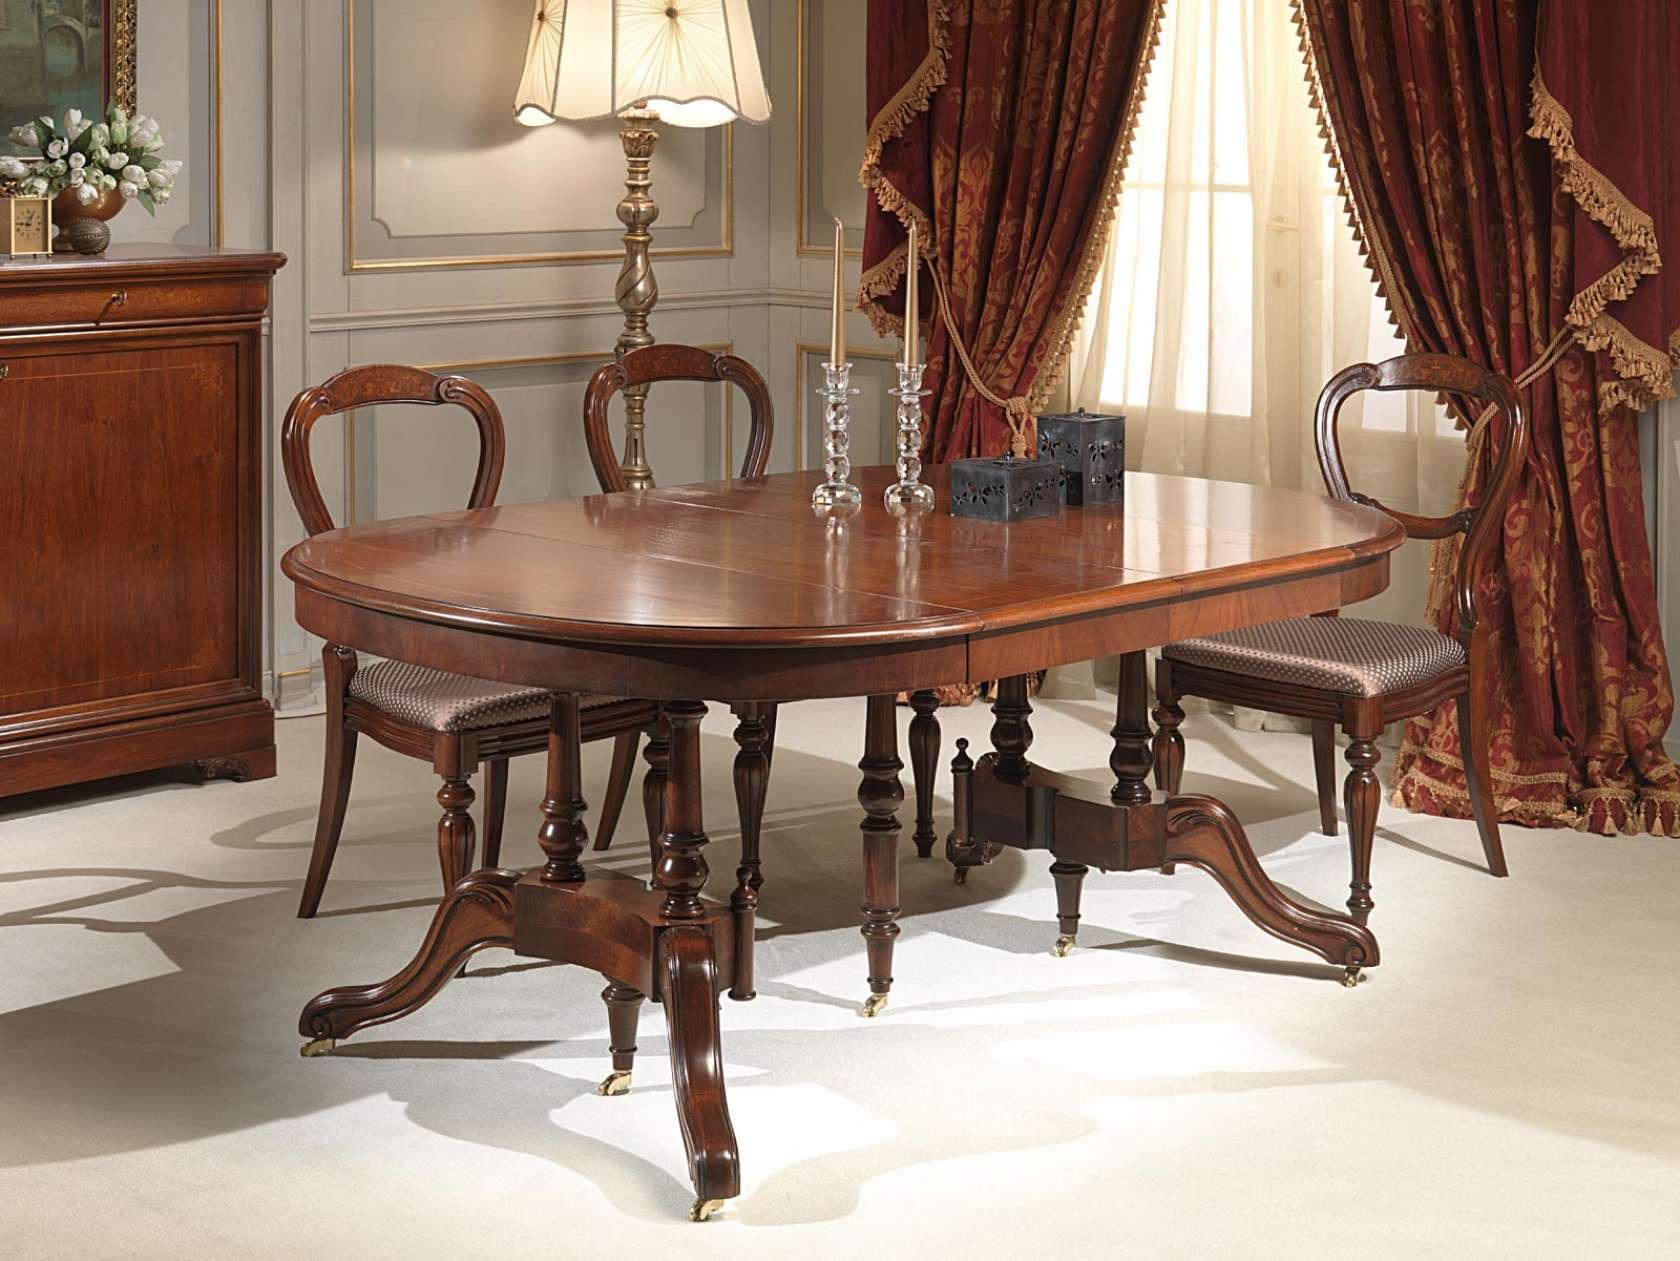 Tavoli Da Pranzo Classici : Tavolo classico allungabile vimercati meda